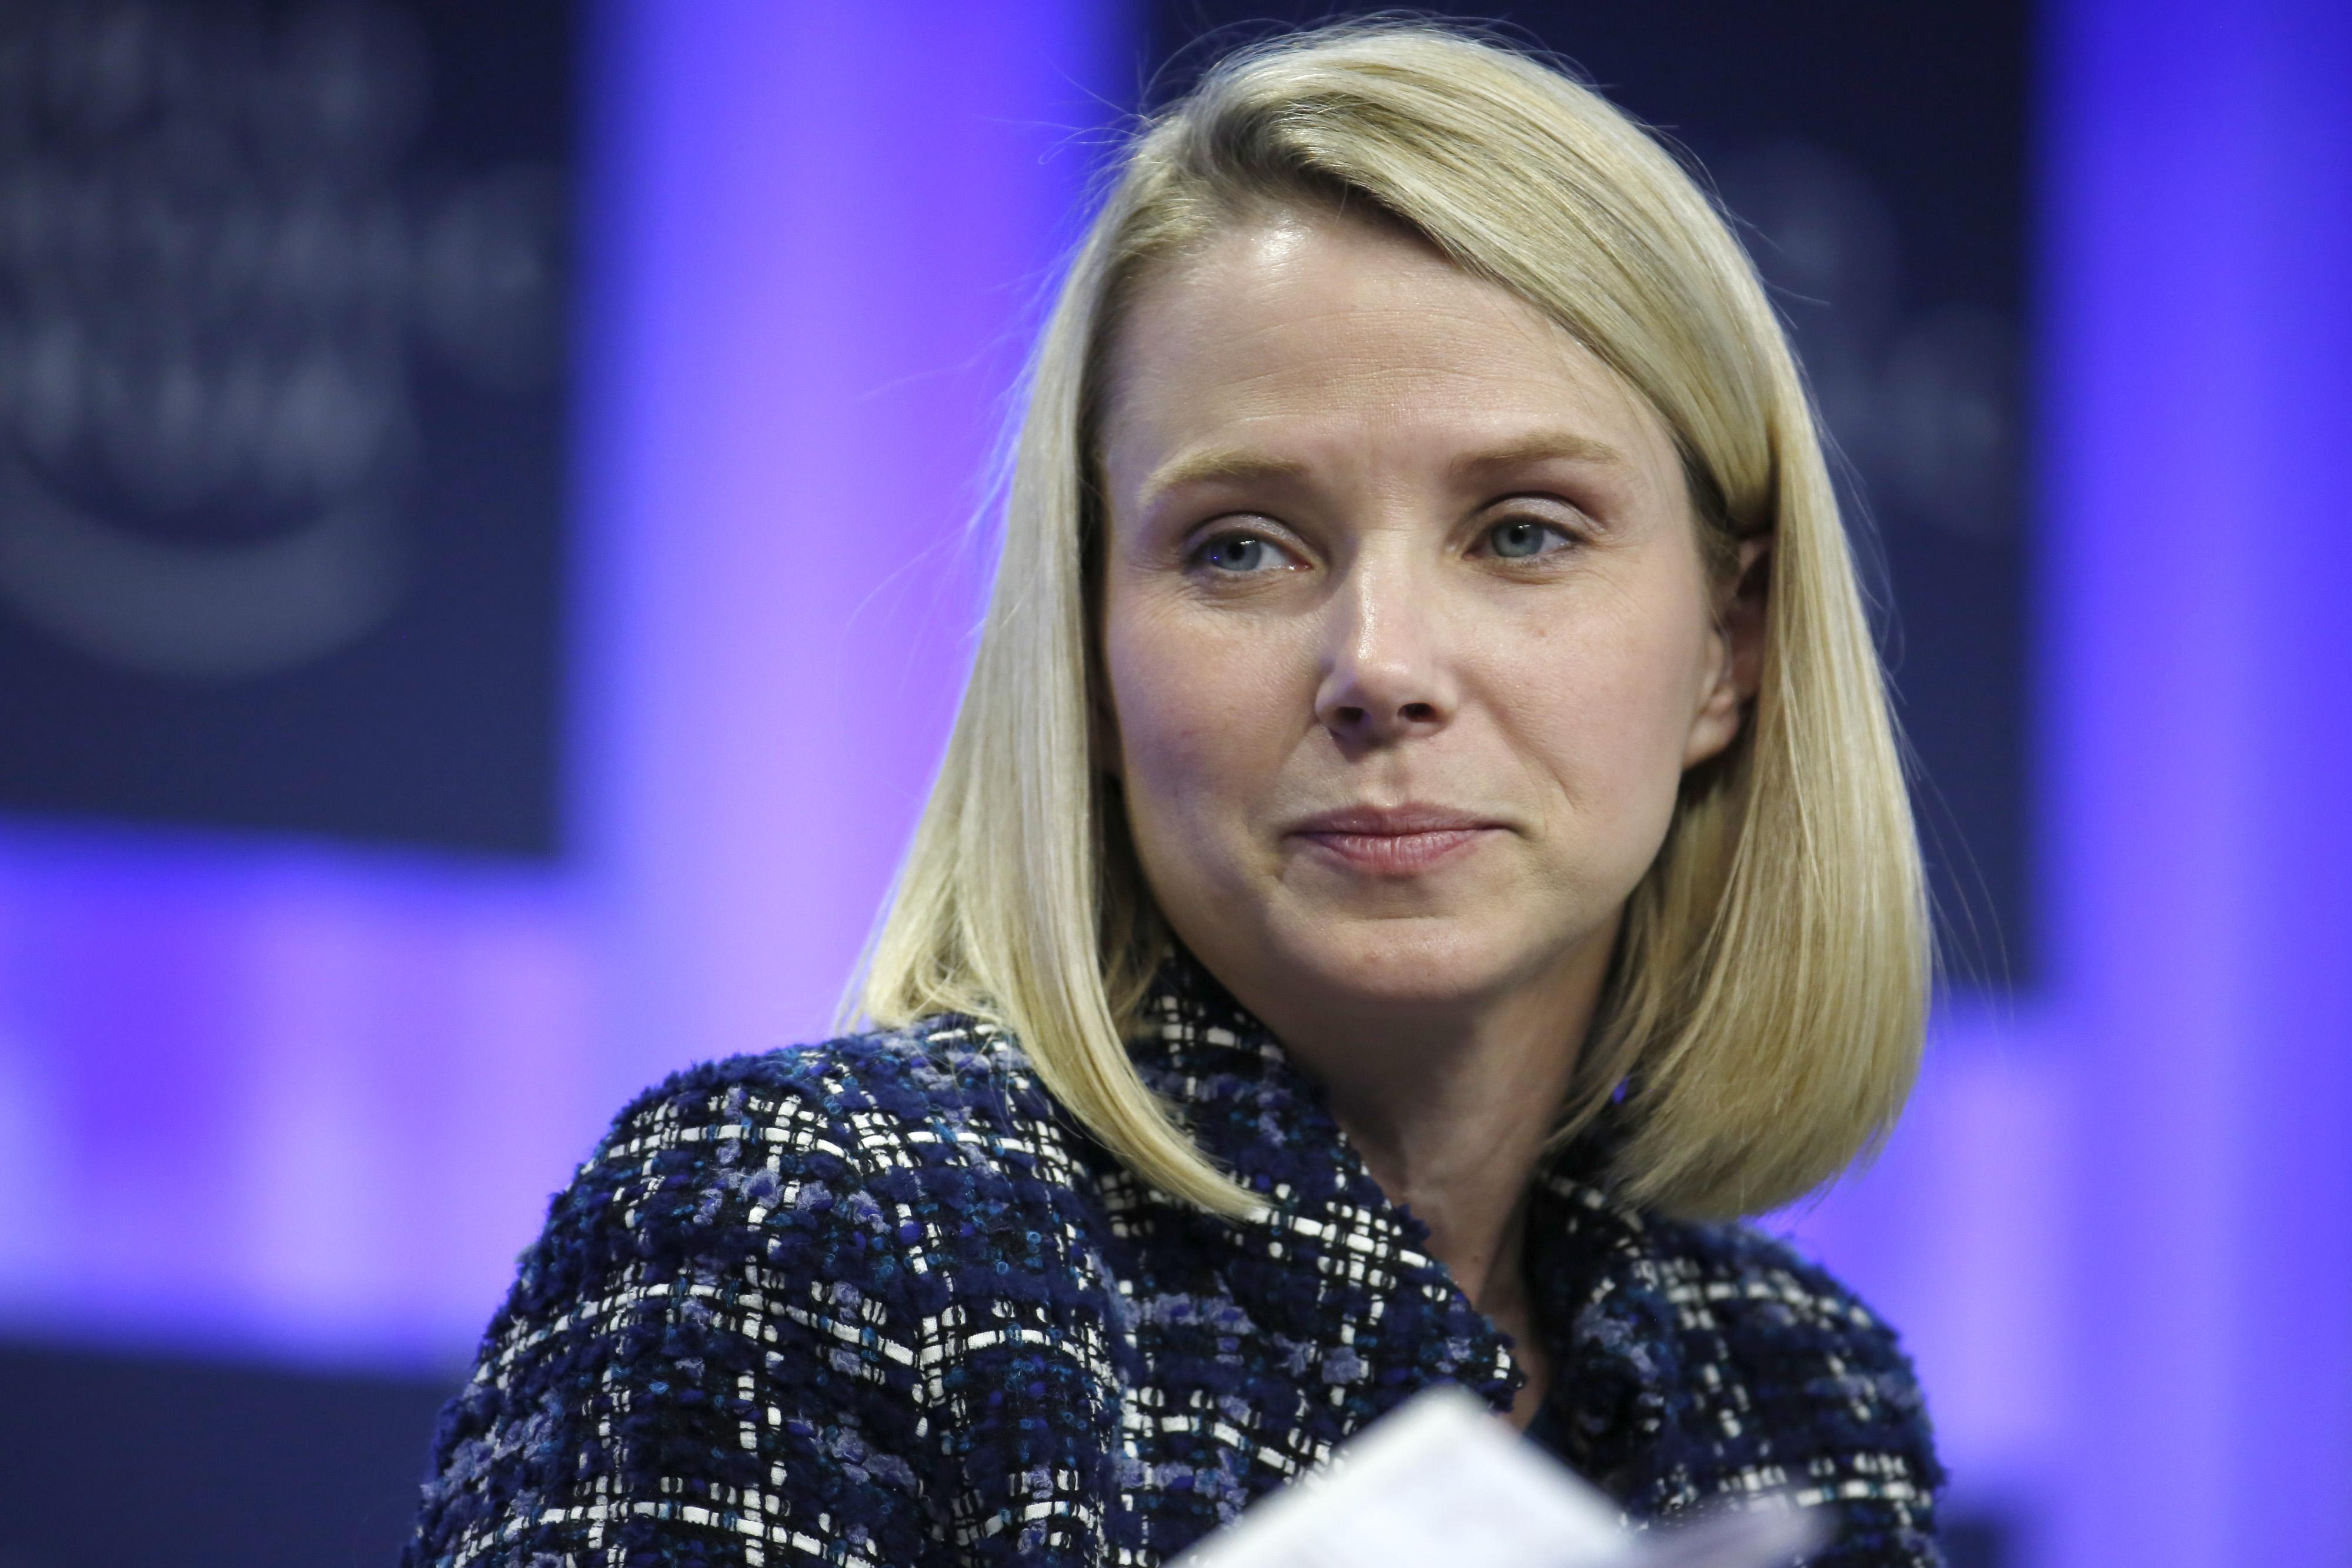 Marissa Mayer, CEO of Yahoo!